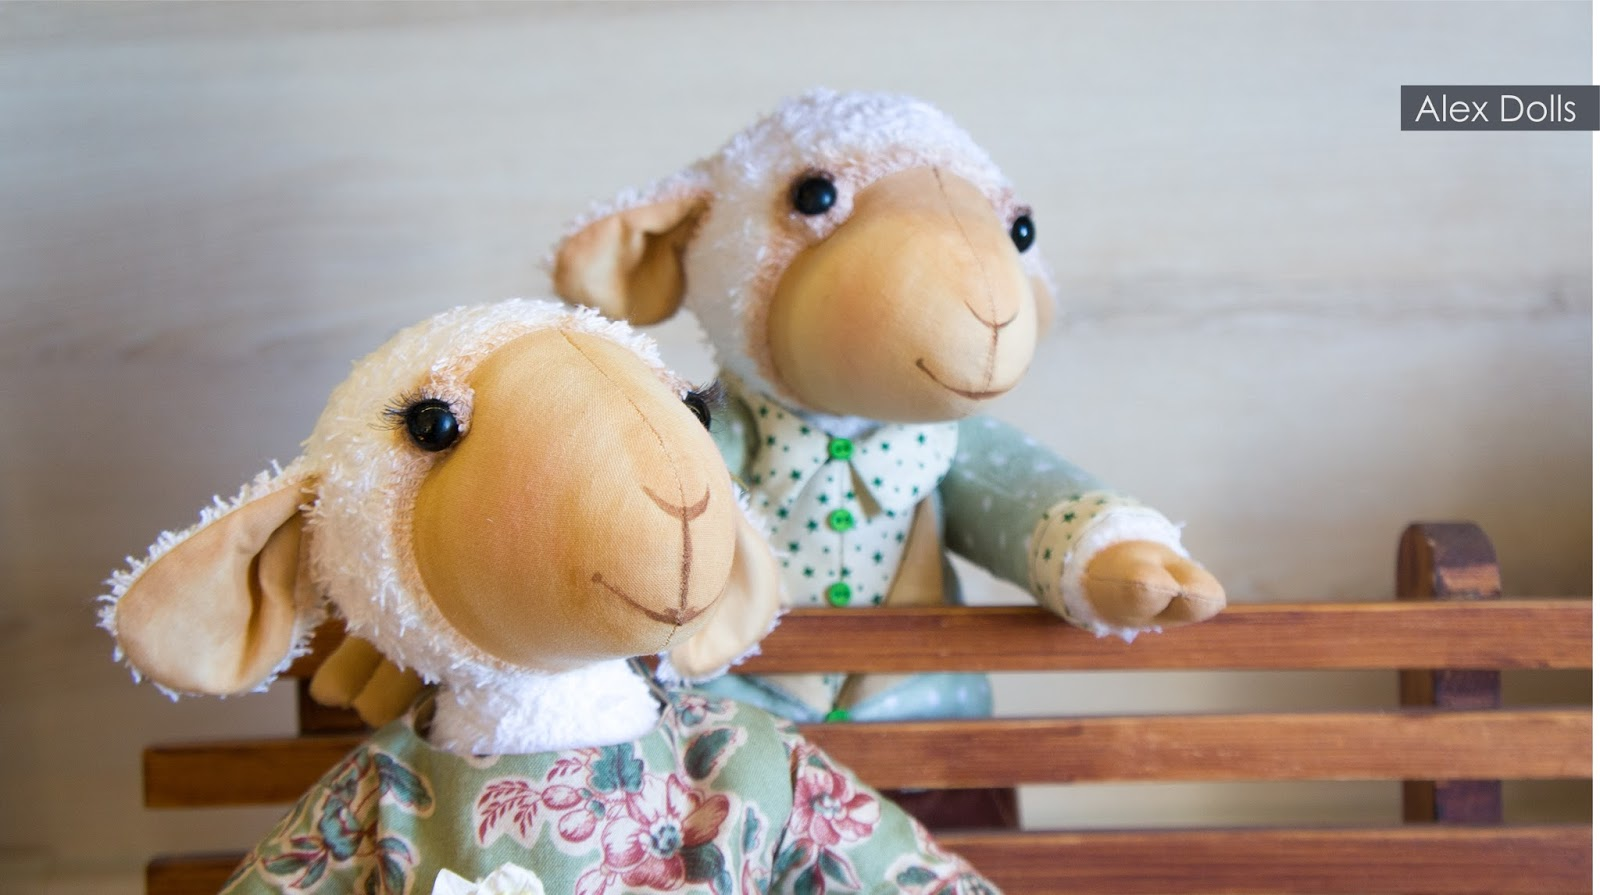 ручная работа, текстильная овечка, из ткани, handmade, alexdolls